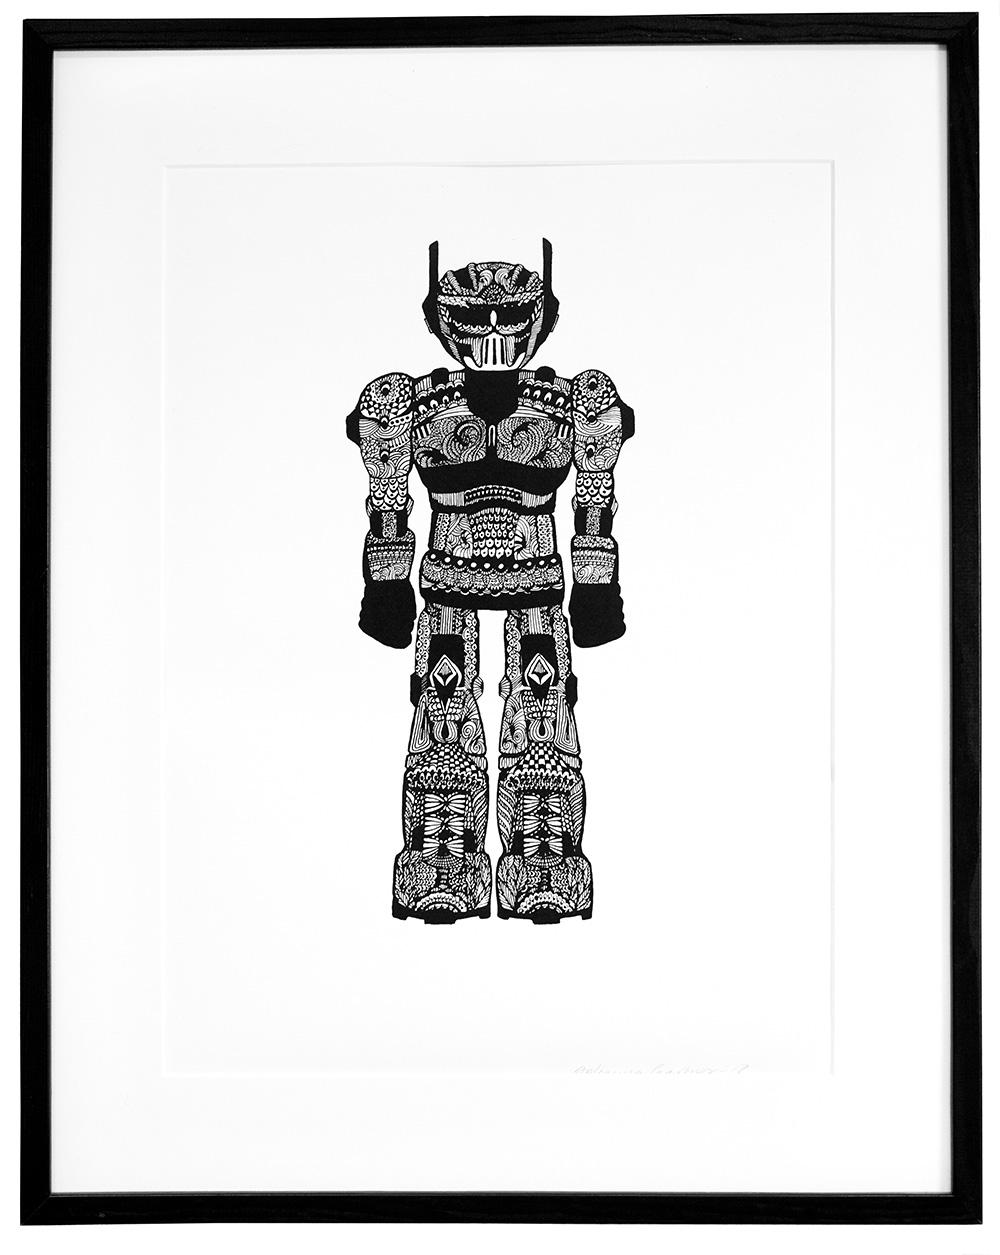 poster_robot-jpeg